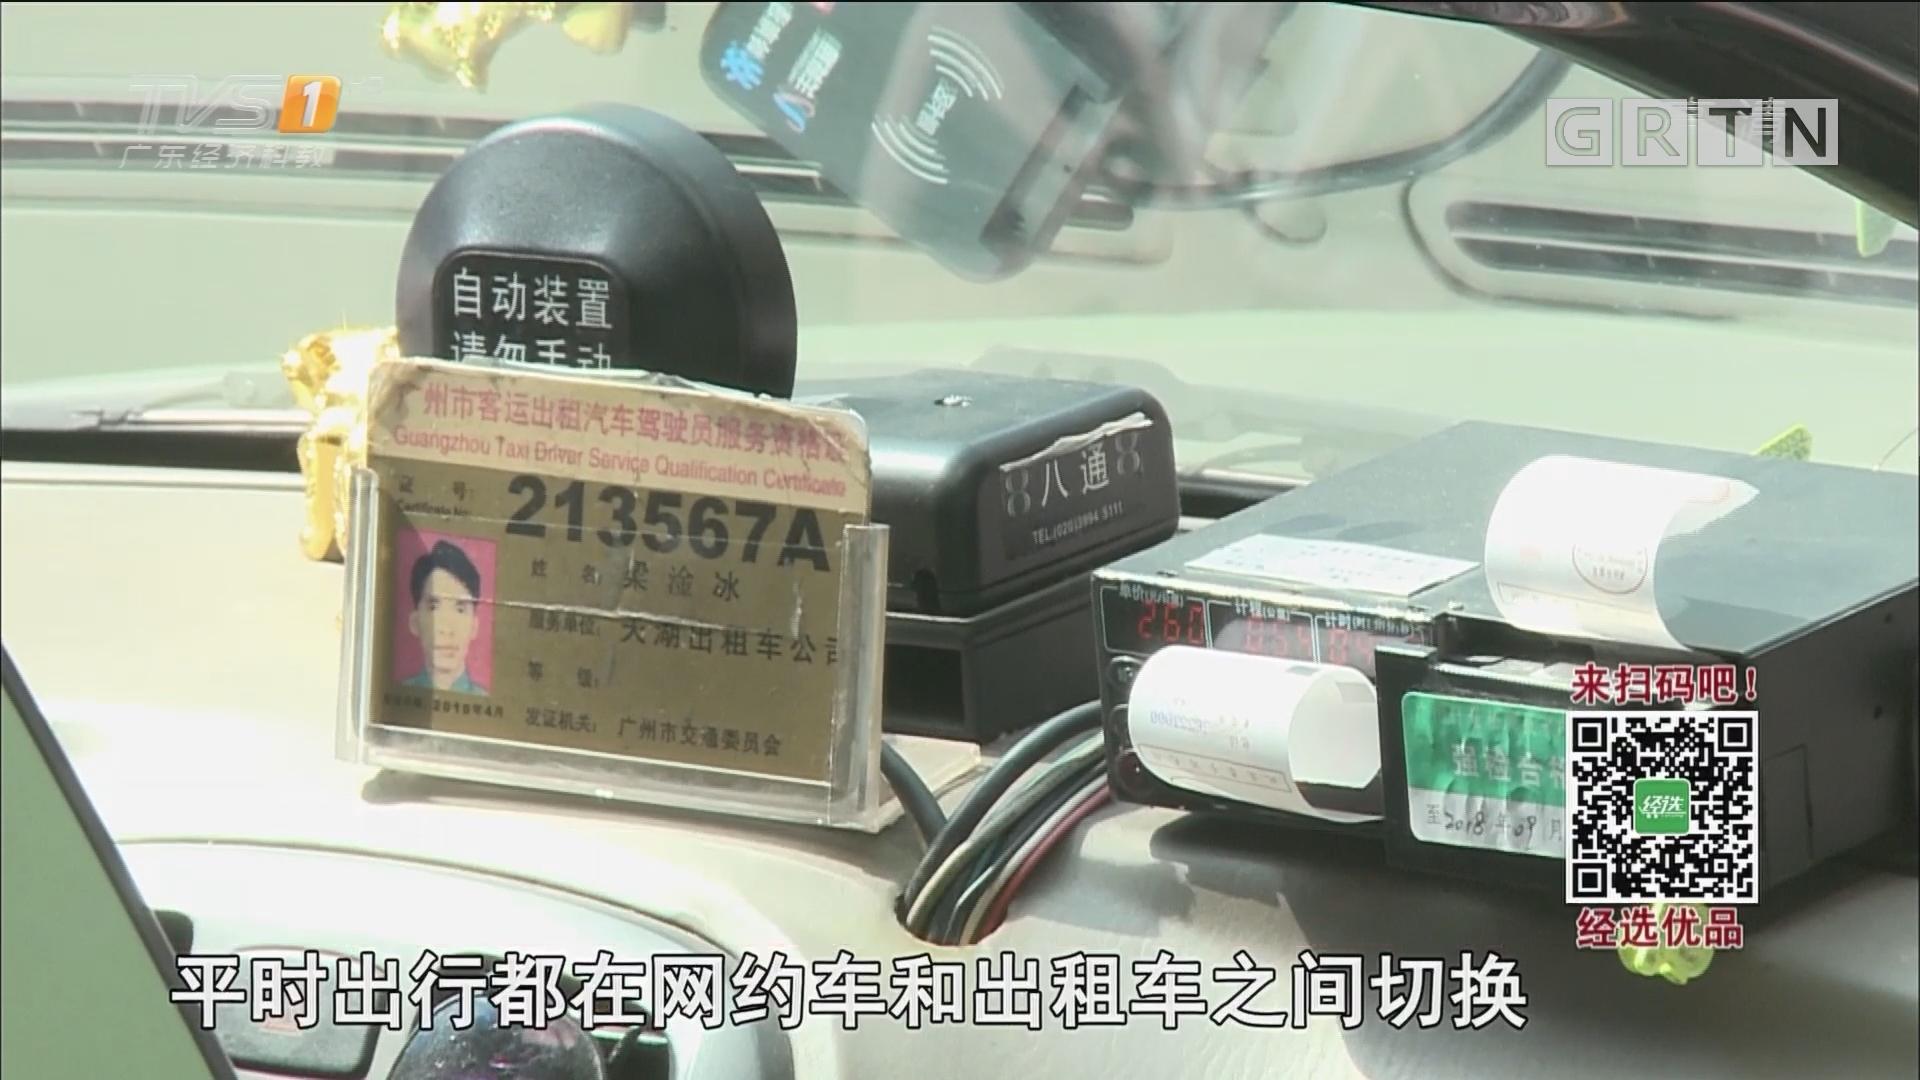 广州大事件 出租车今日起调表涨价